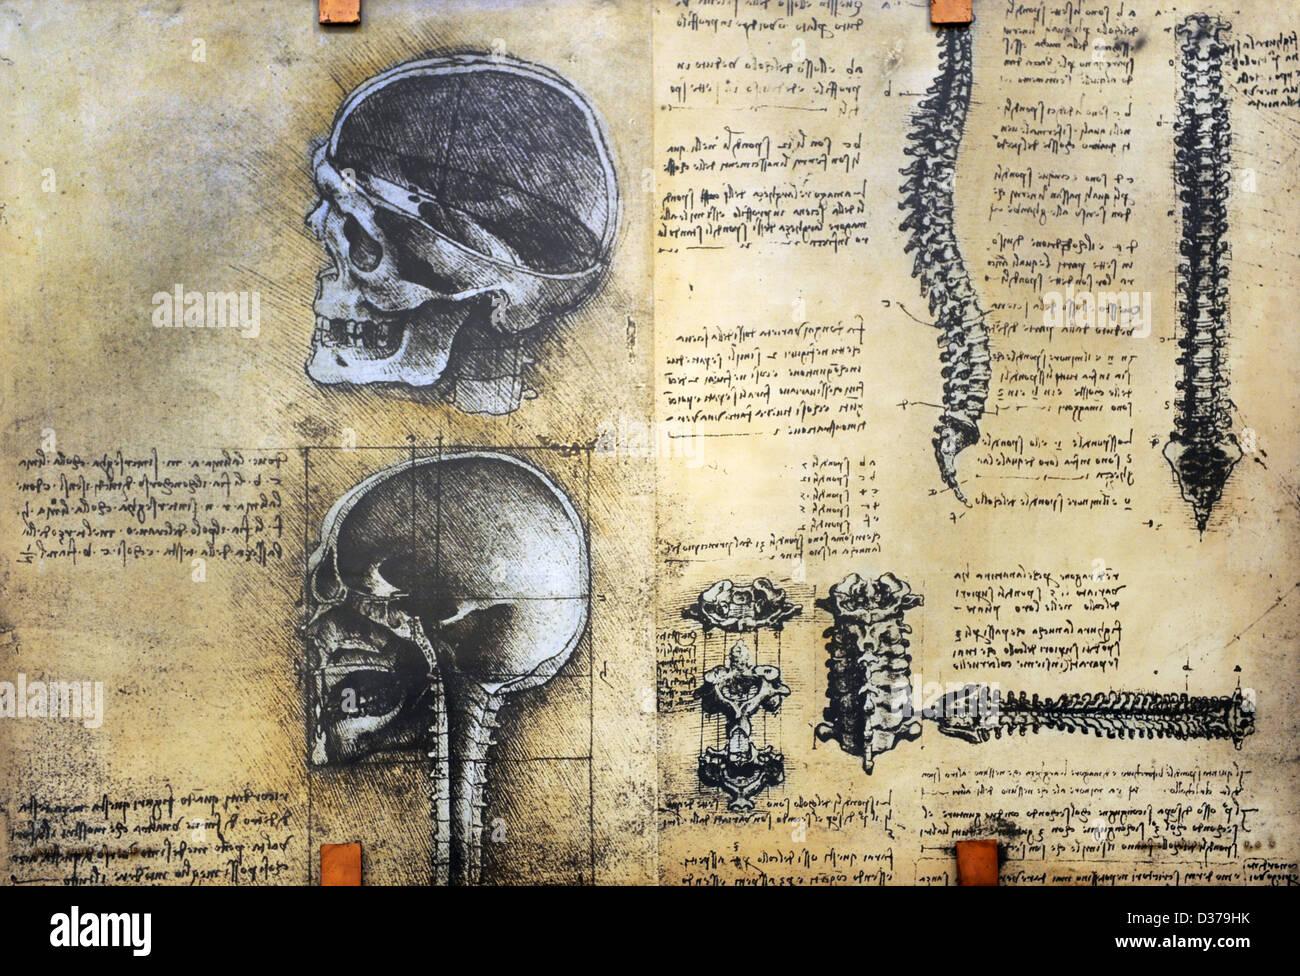 Da Vinci Anatomy Imágenes De Stock & Da Vinci Anatomy Fotos De Stock ...